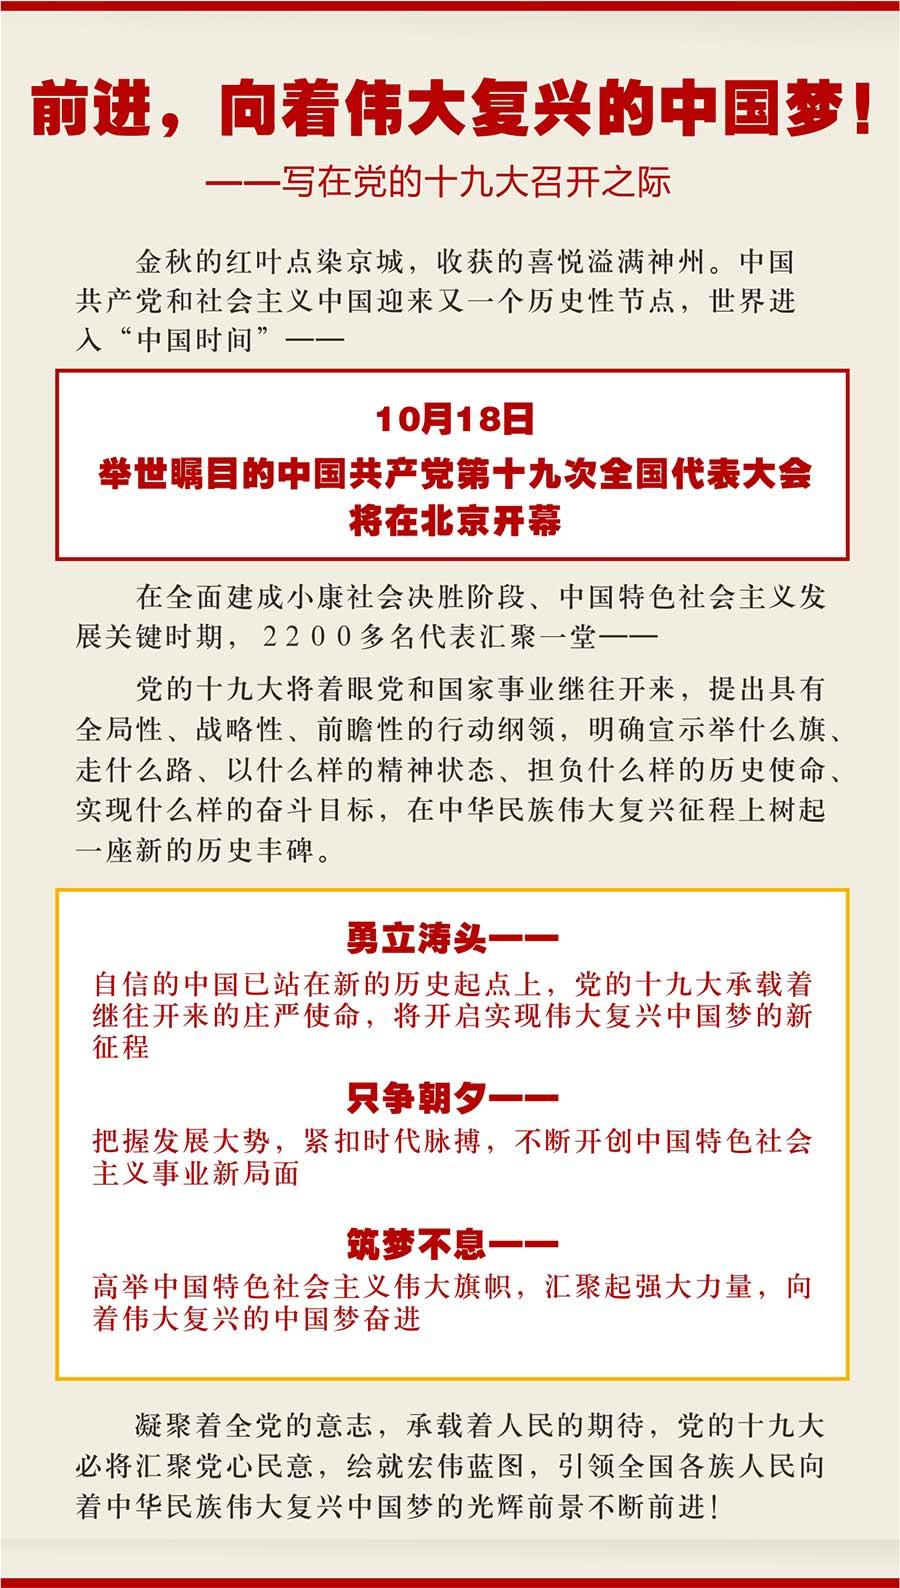 图表:前进,向着伟大复兴的中国梦! 新华社记者 施鳗珂 编制